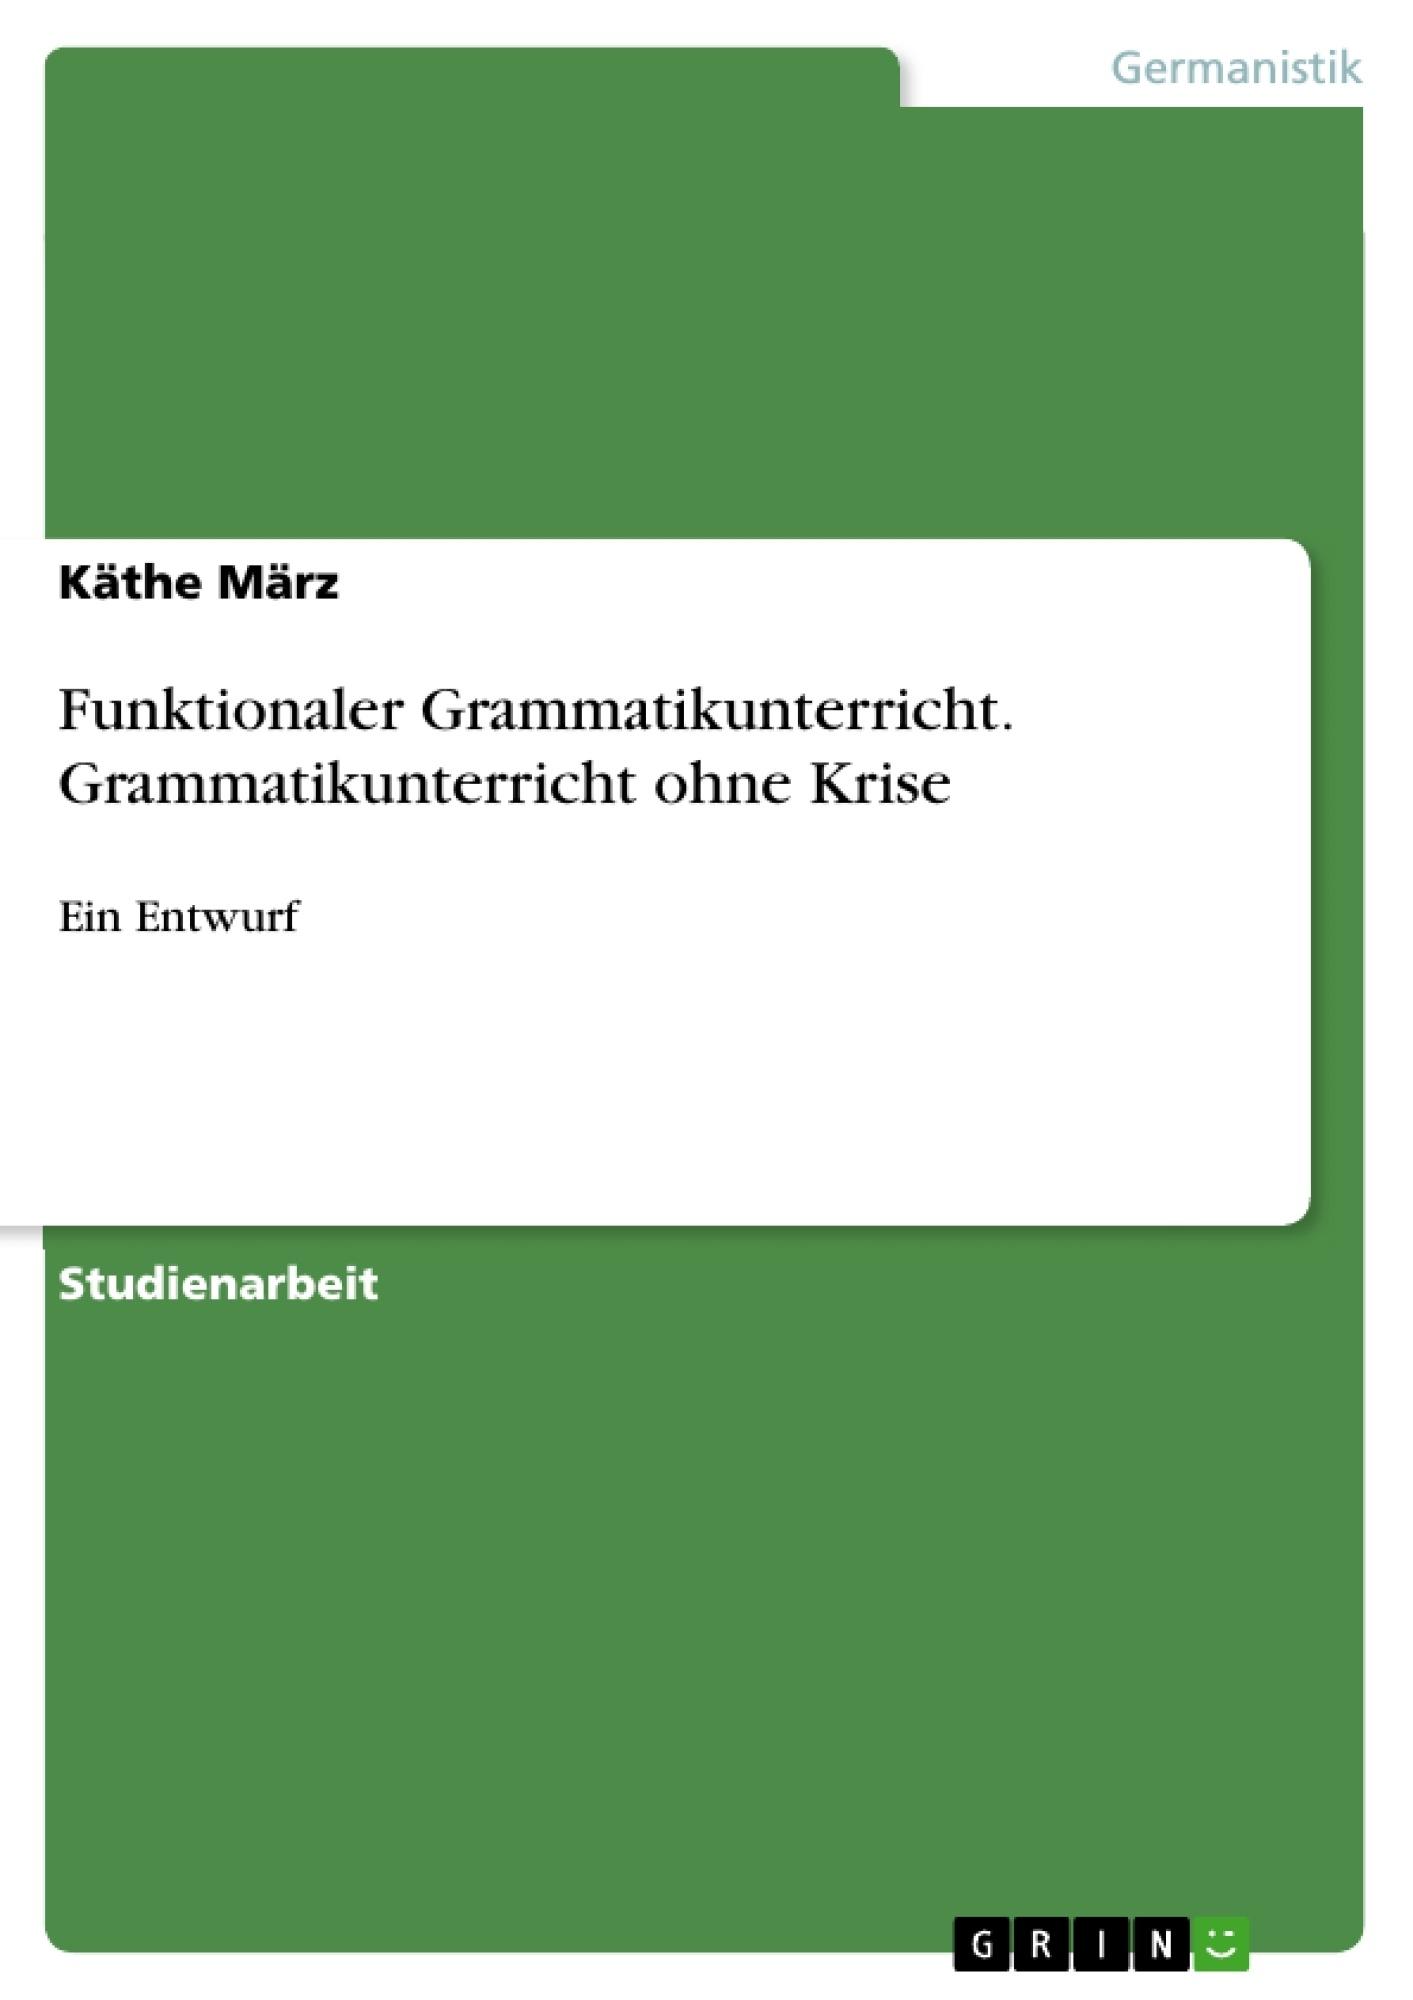 Titel: Funktionaler Grammatikunterricht. Grammatikunterricht ohne Krise